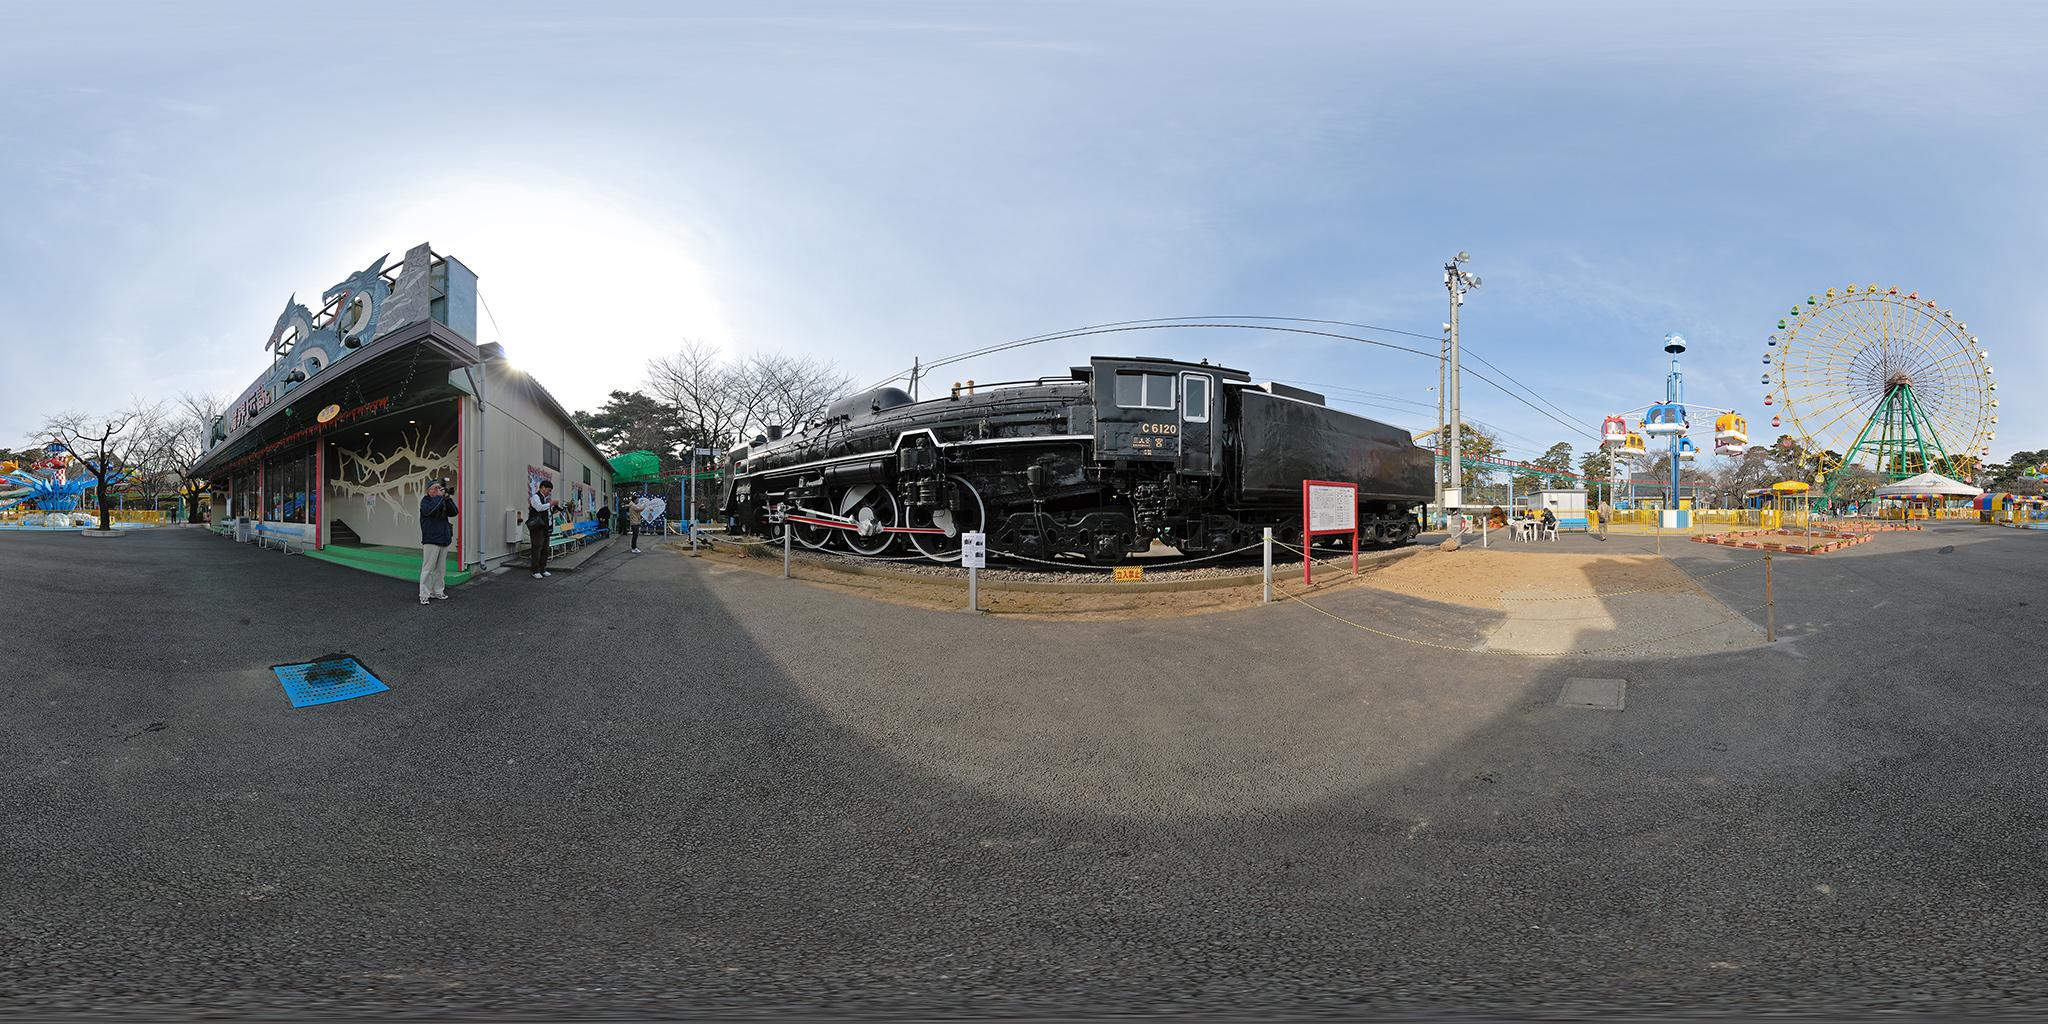 華蔵寺公園遊園地に保存されていたC6120